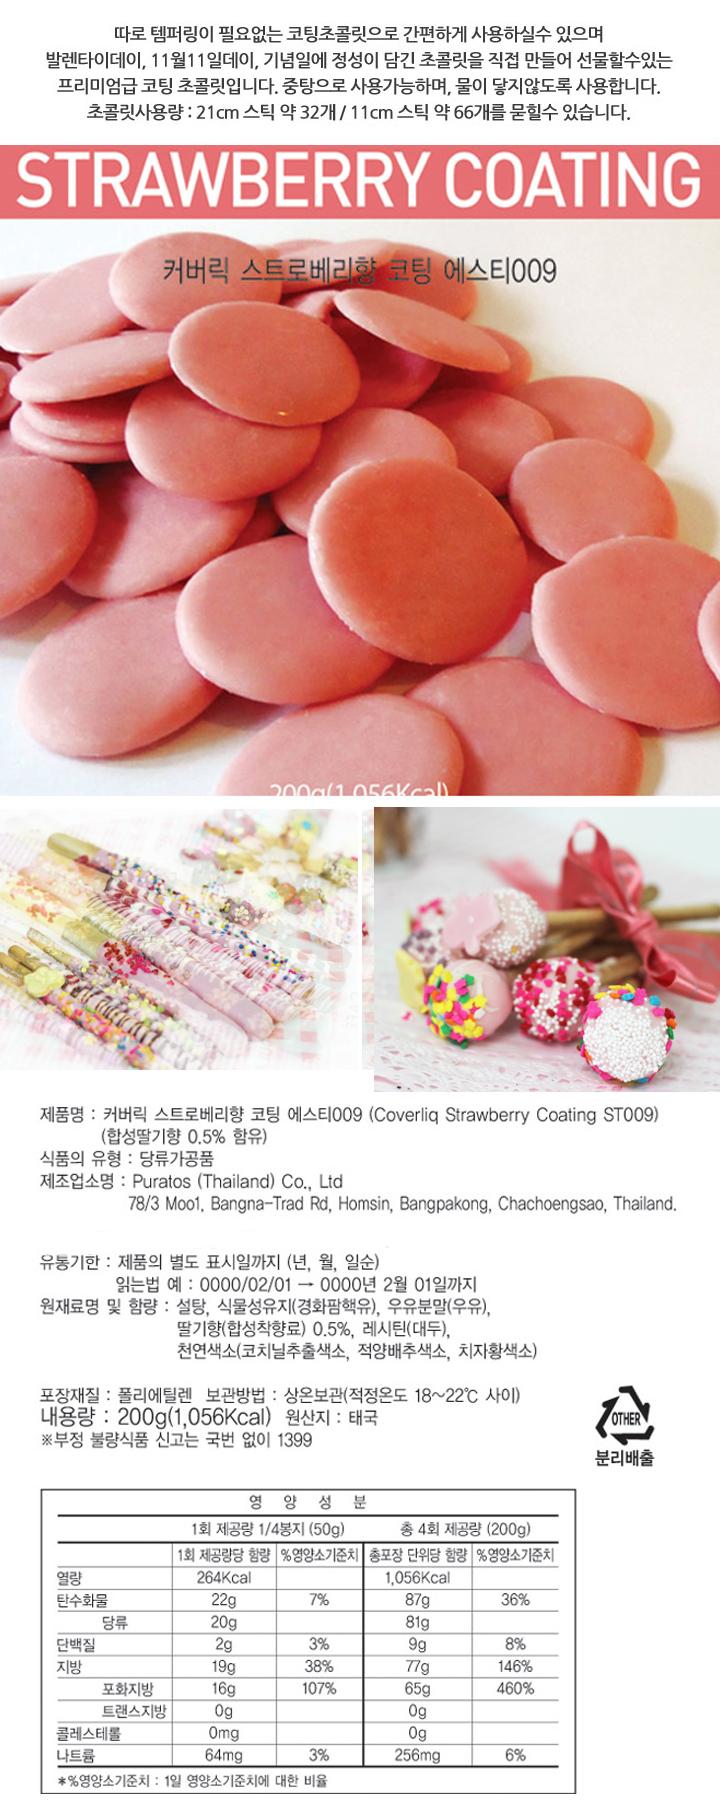 커버럭스 딸기 200g-커버춰급 고급코팅초콜릿 - 이홈베이킹, 2,800원, DIY세트, 막대과자 만들기